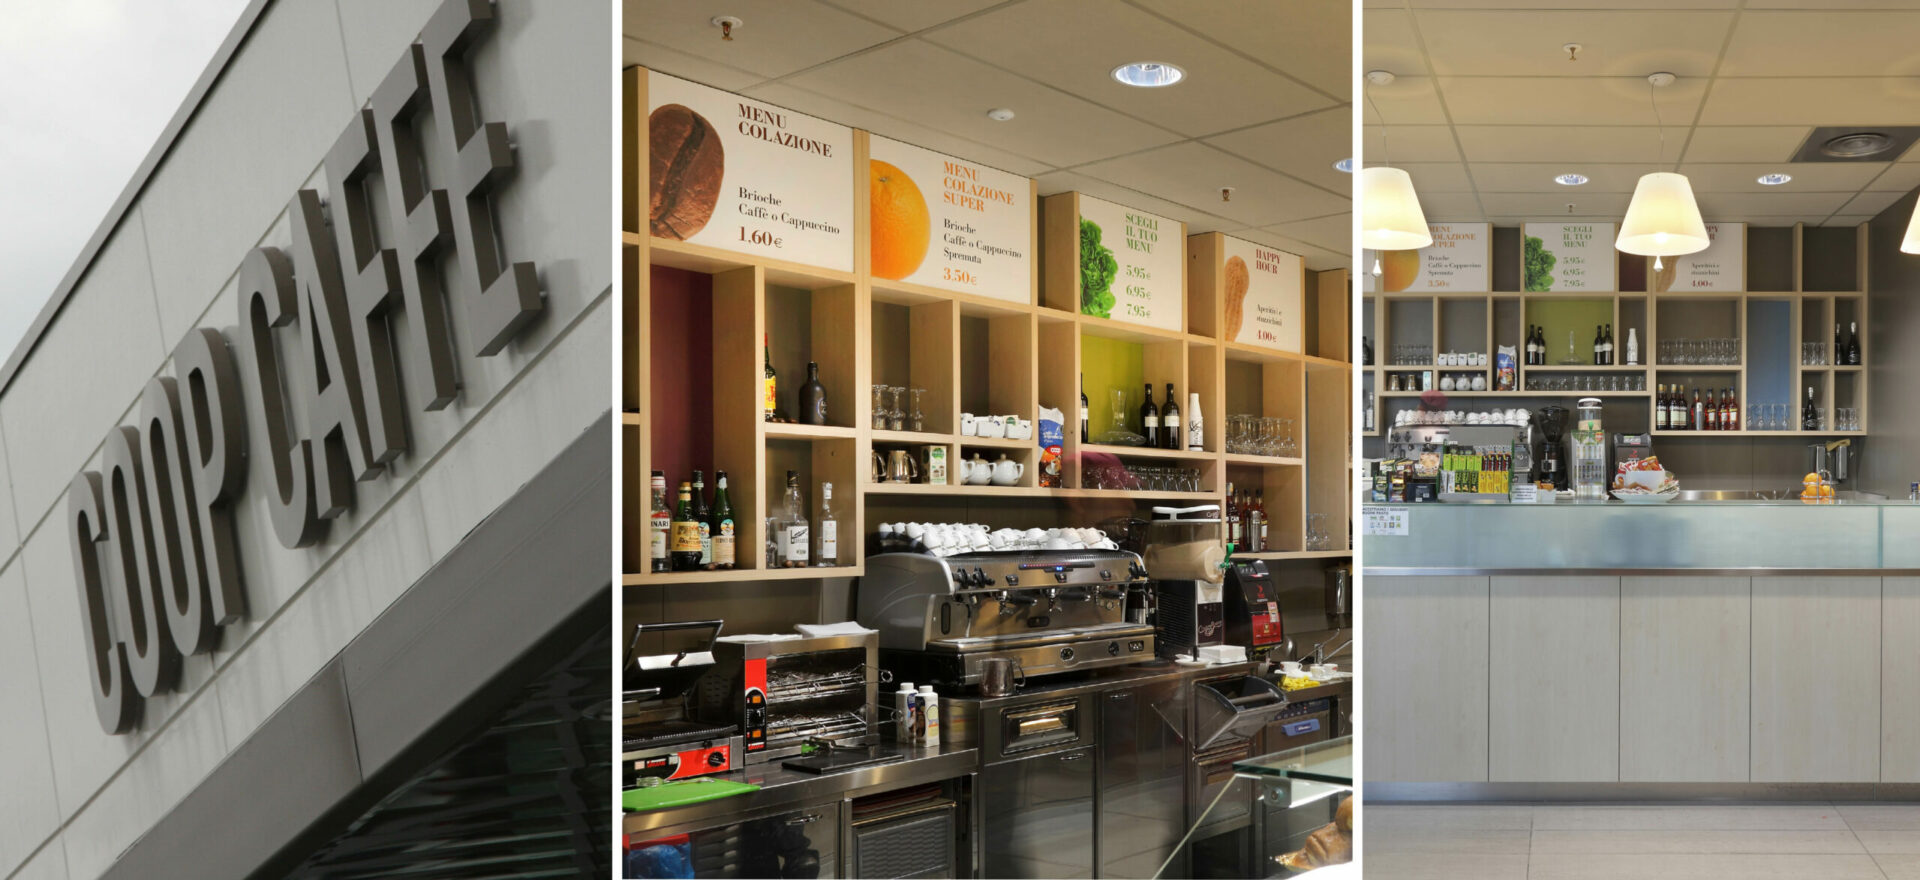 Coop Caffe   Graphic & Interior Design   Branding   Coop Italia  Mario Trimarchi Design   Fragile